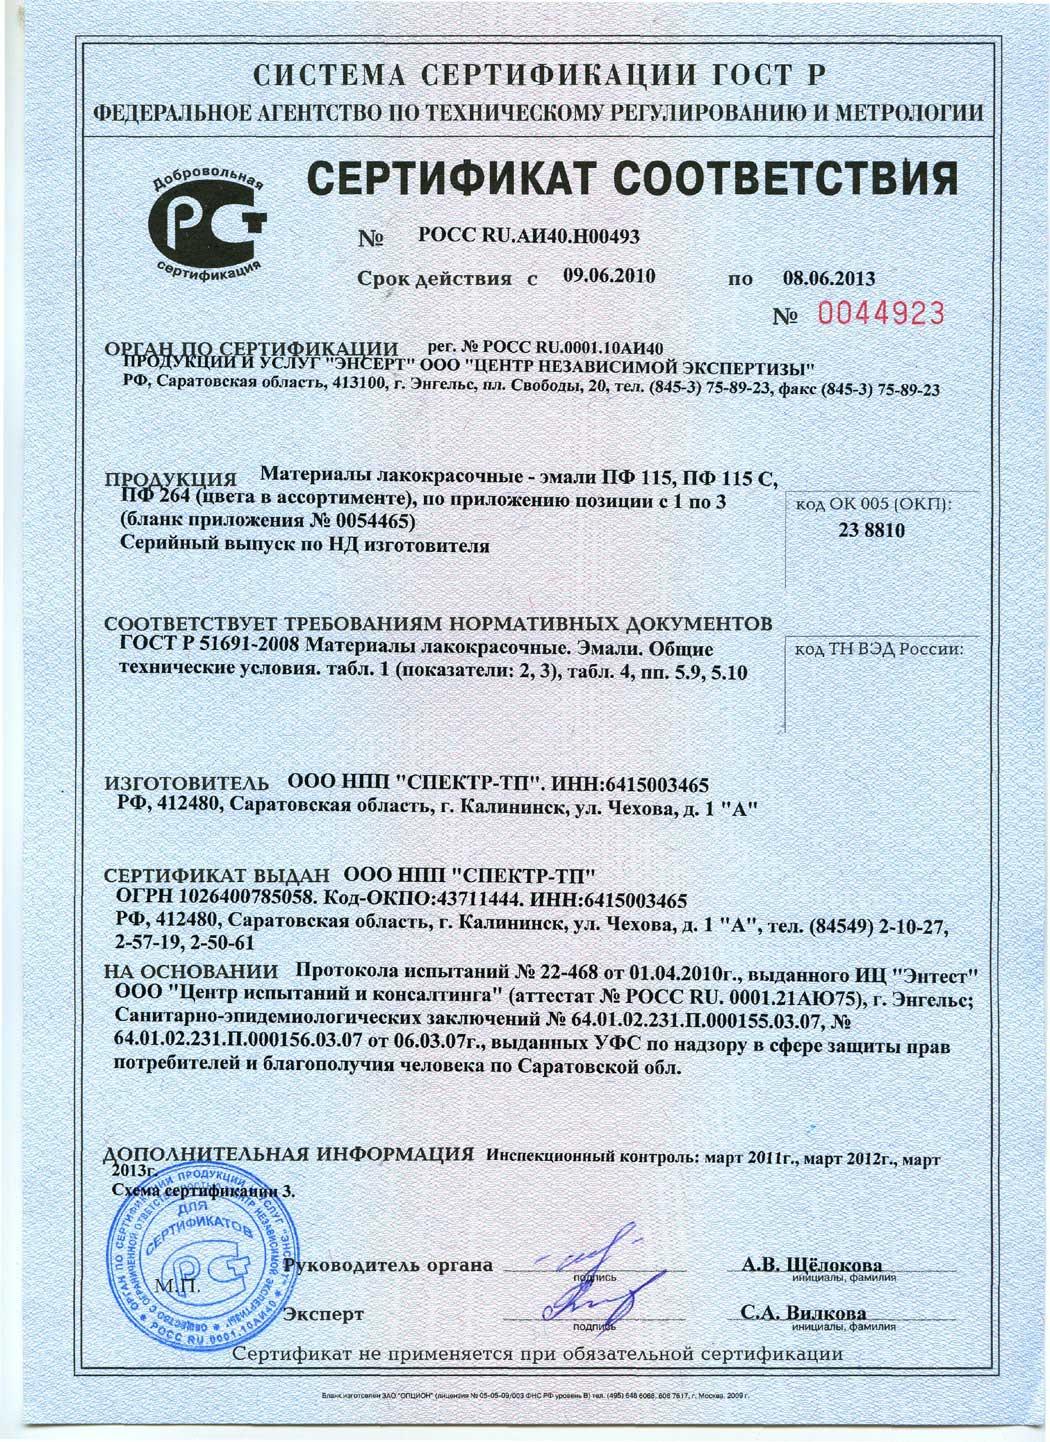 Гост 6465-76 эмали пф-115. технические условия (с изменениями n 1-5), гост от 01 января 1976 года №6465-76